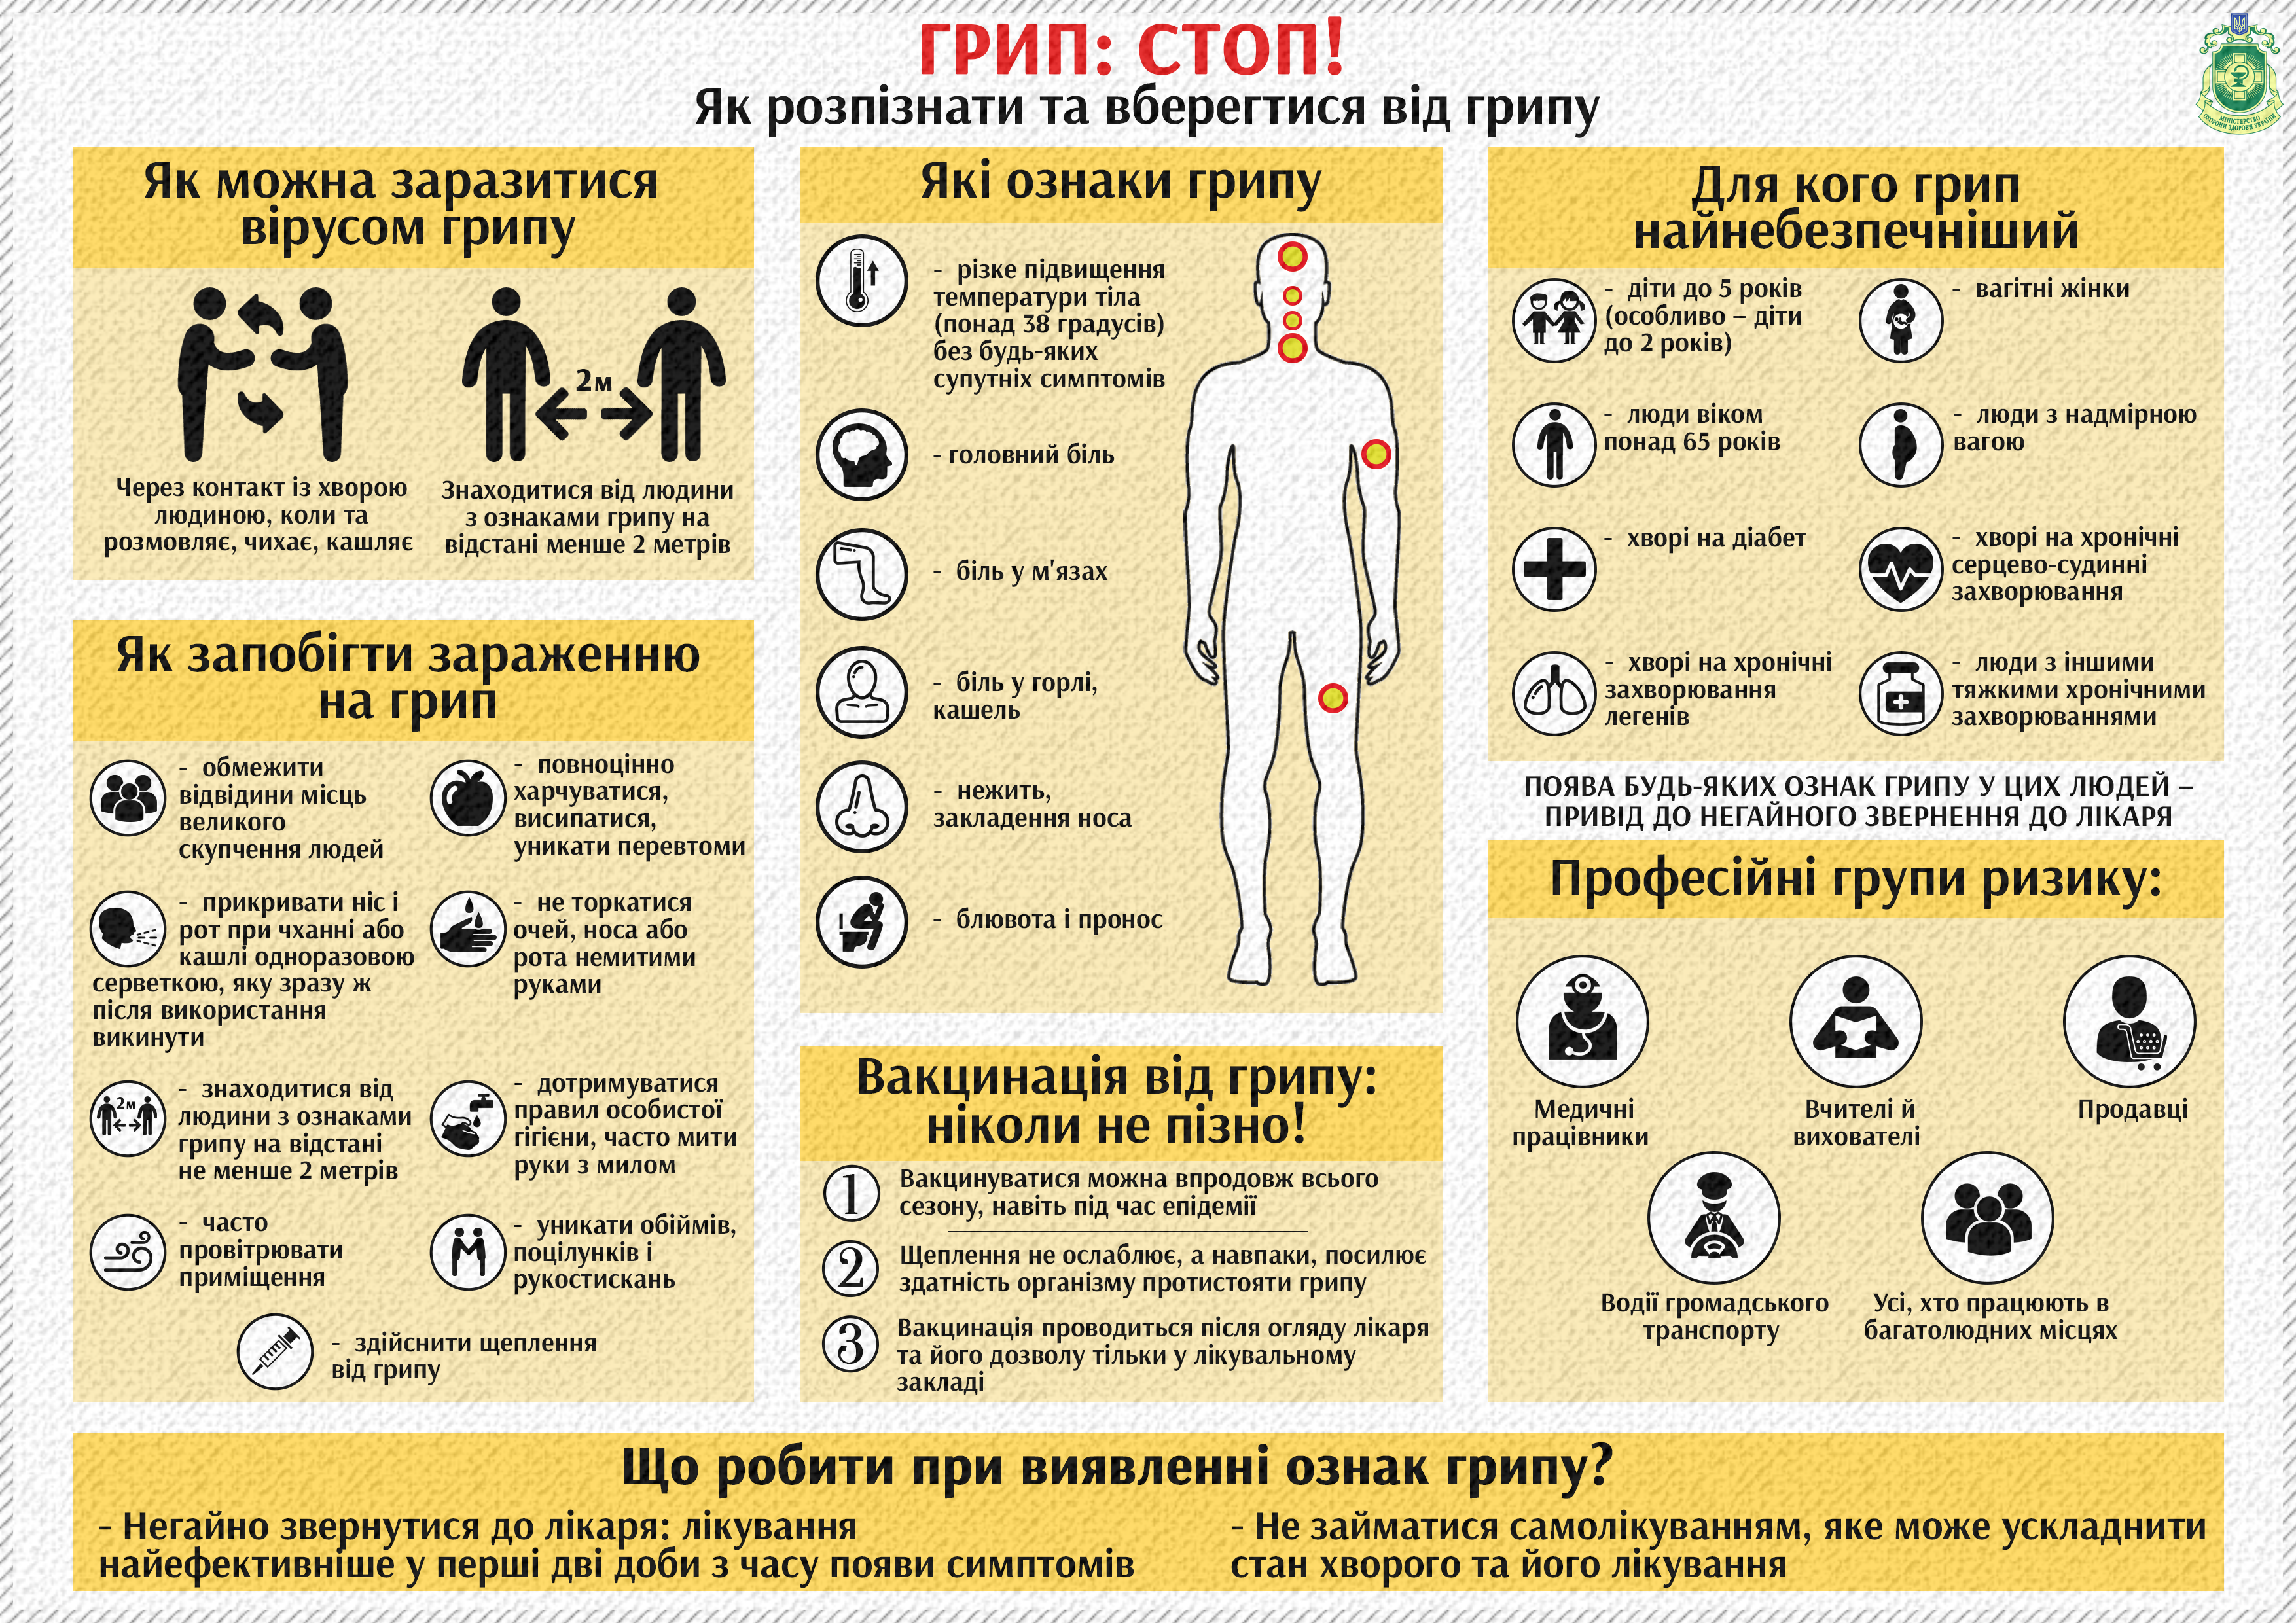 Картинки по запросу про грипп в украине